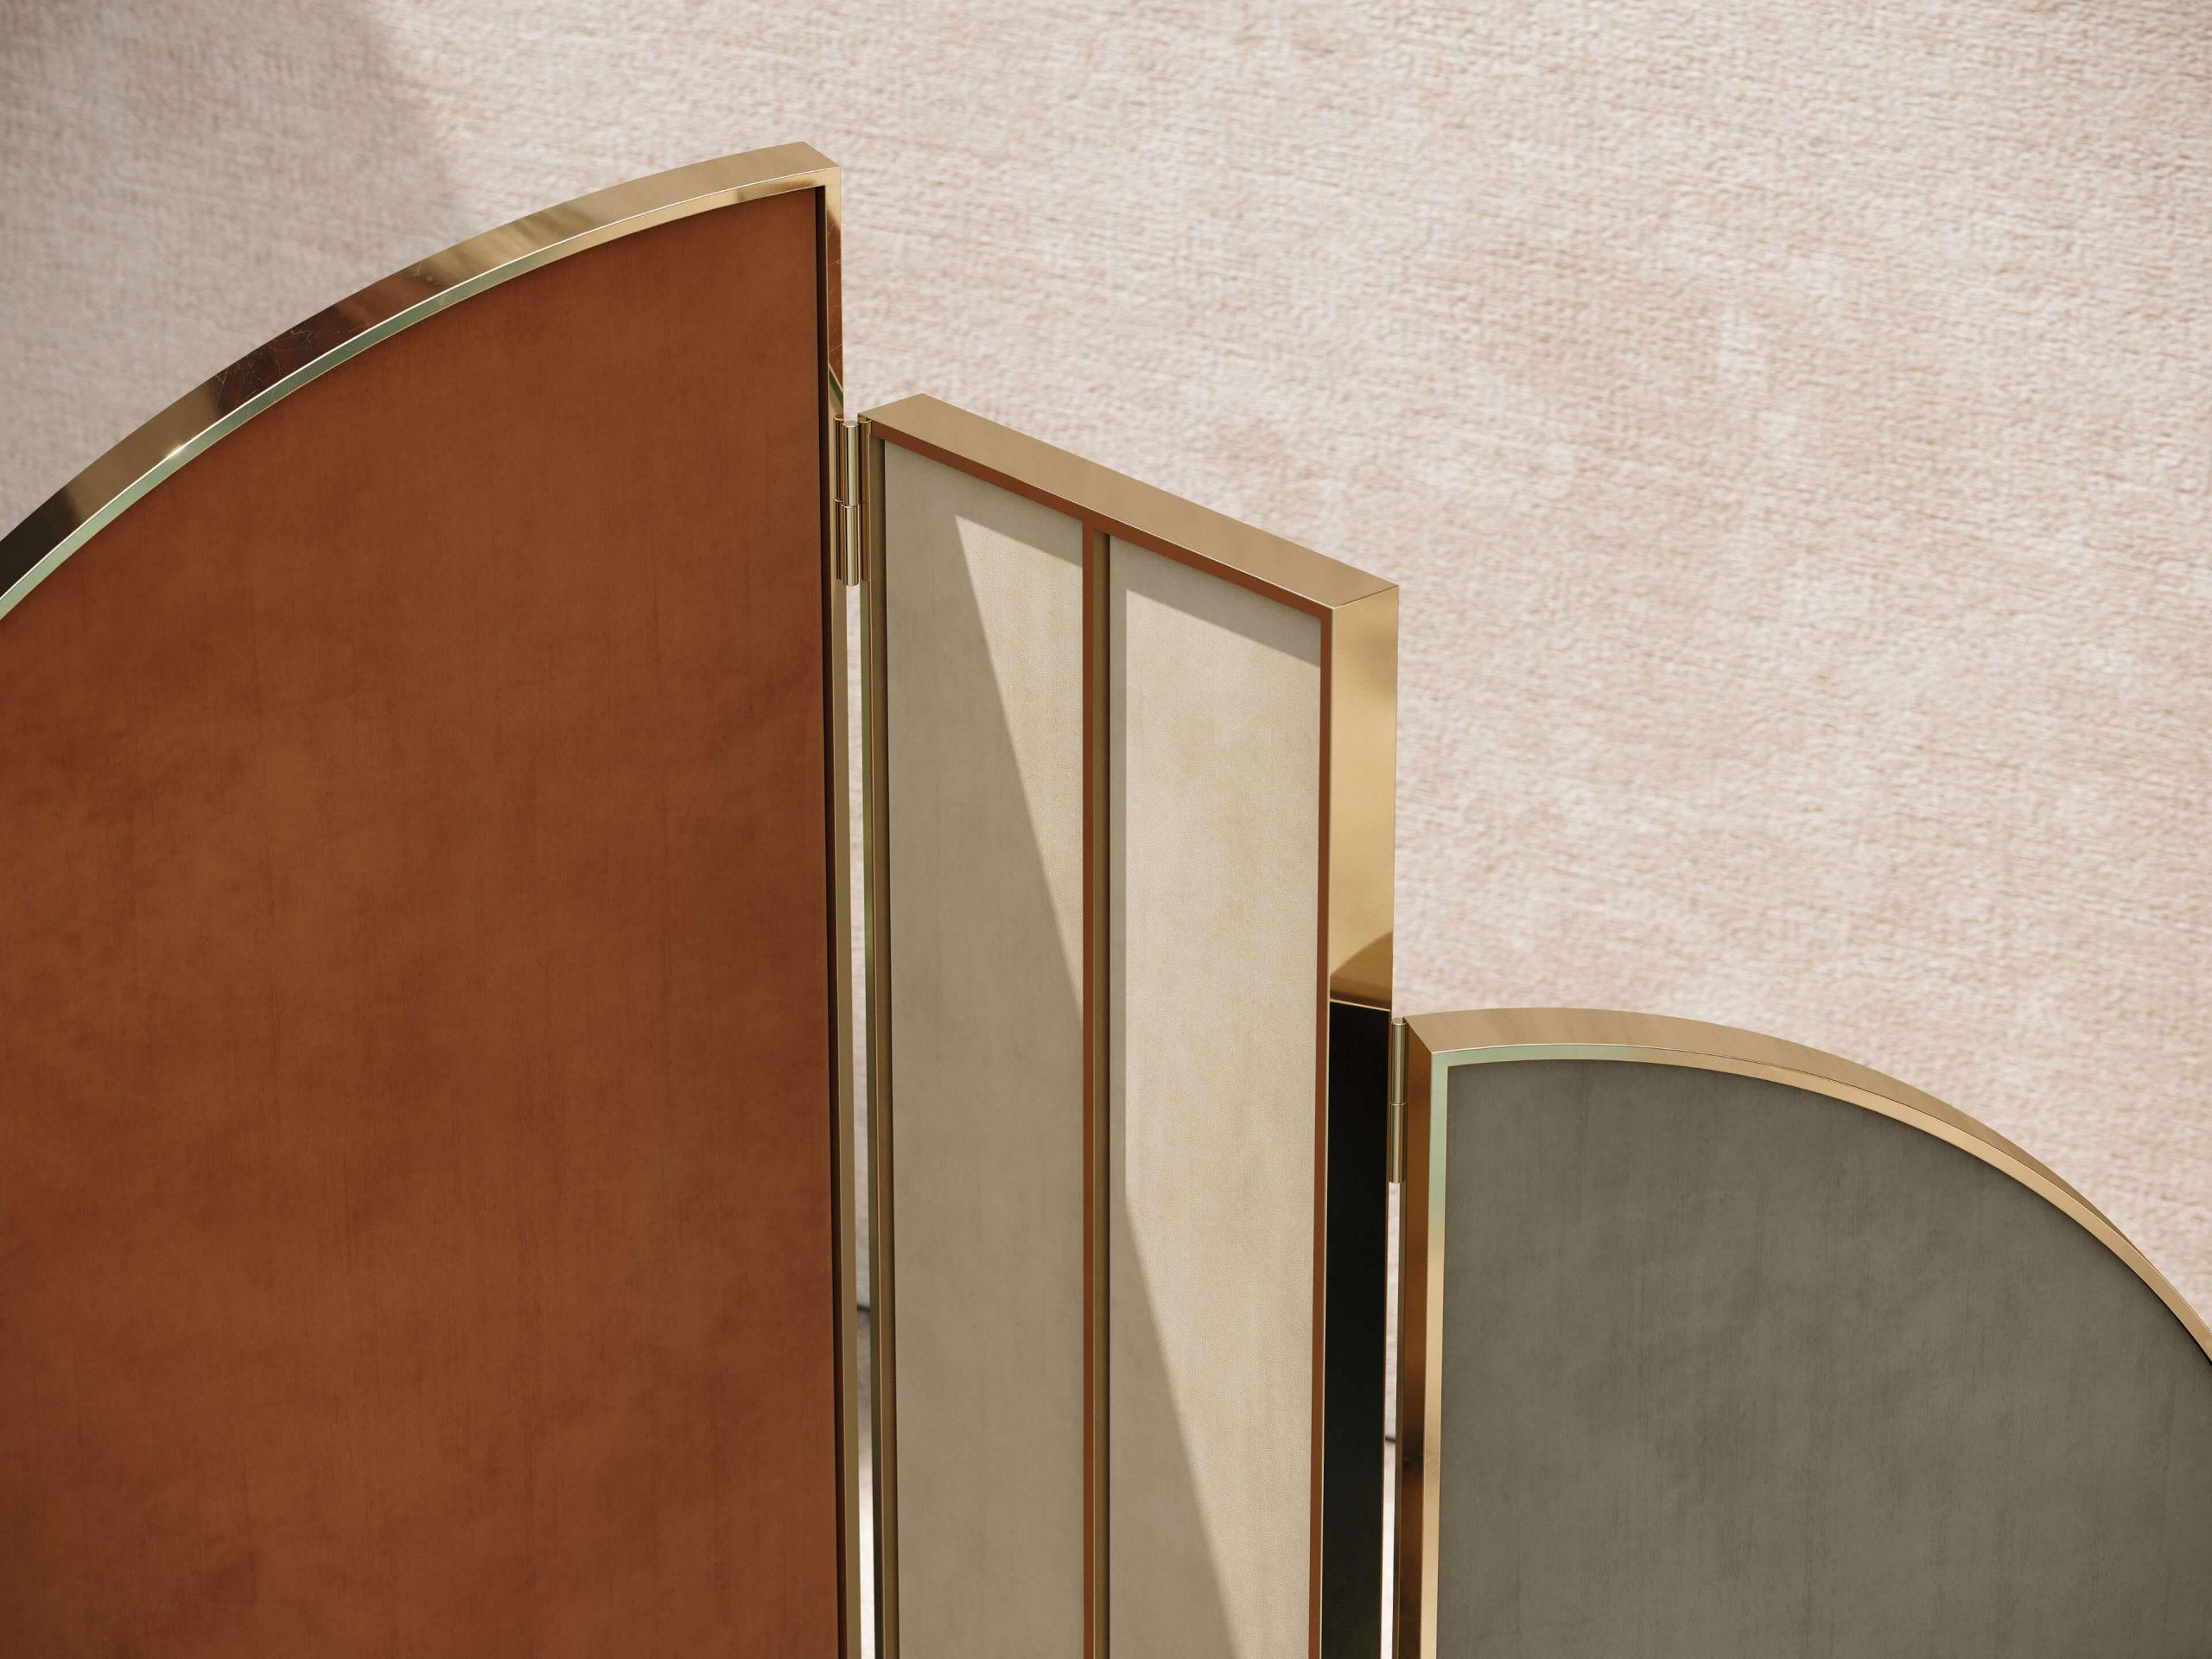 sunset-folding-screen-velvet-master-bedroom-furniture-living-room-domkapa-5